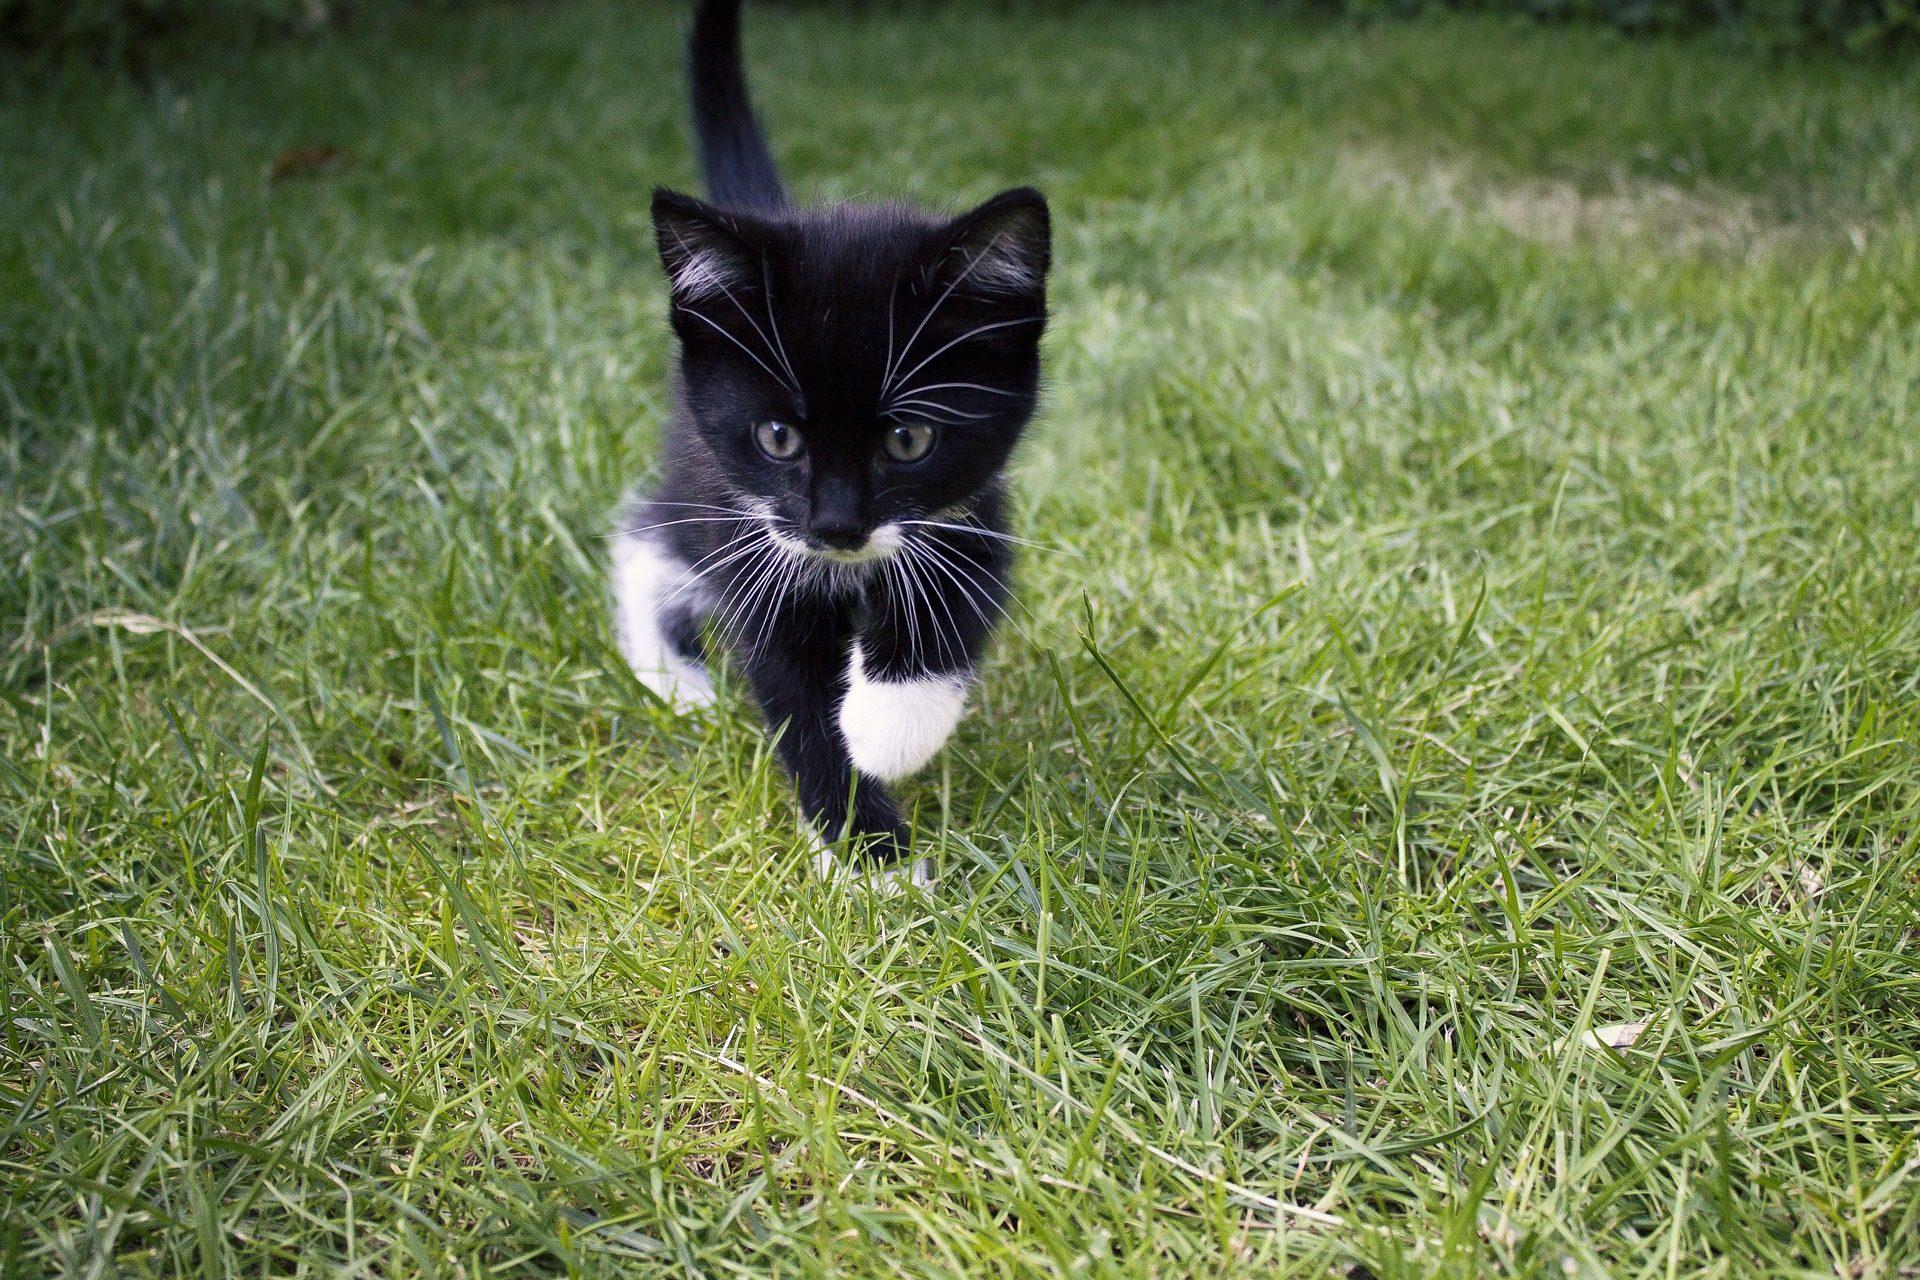 猫, 育种, 猫咪, 草坪, 花园, 晶须 - 高清壁纸 - 教授-falken.com